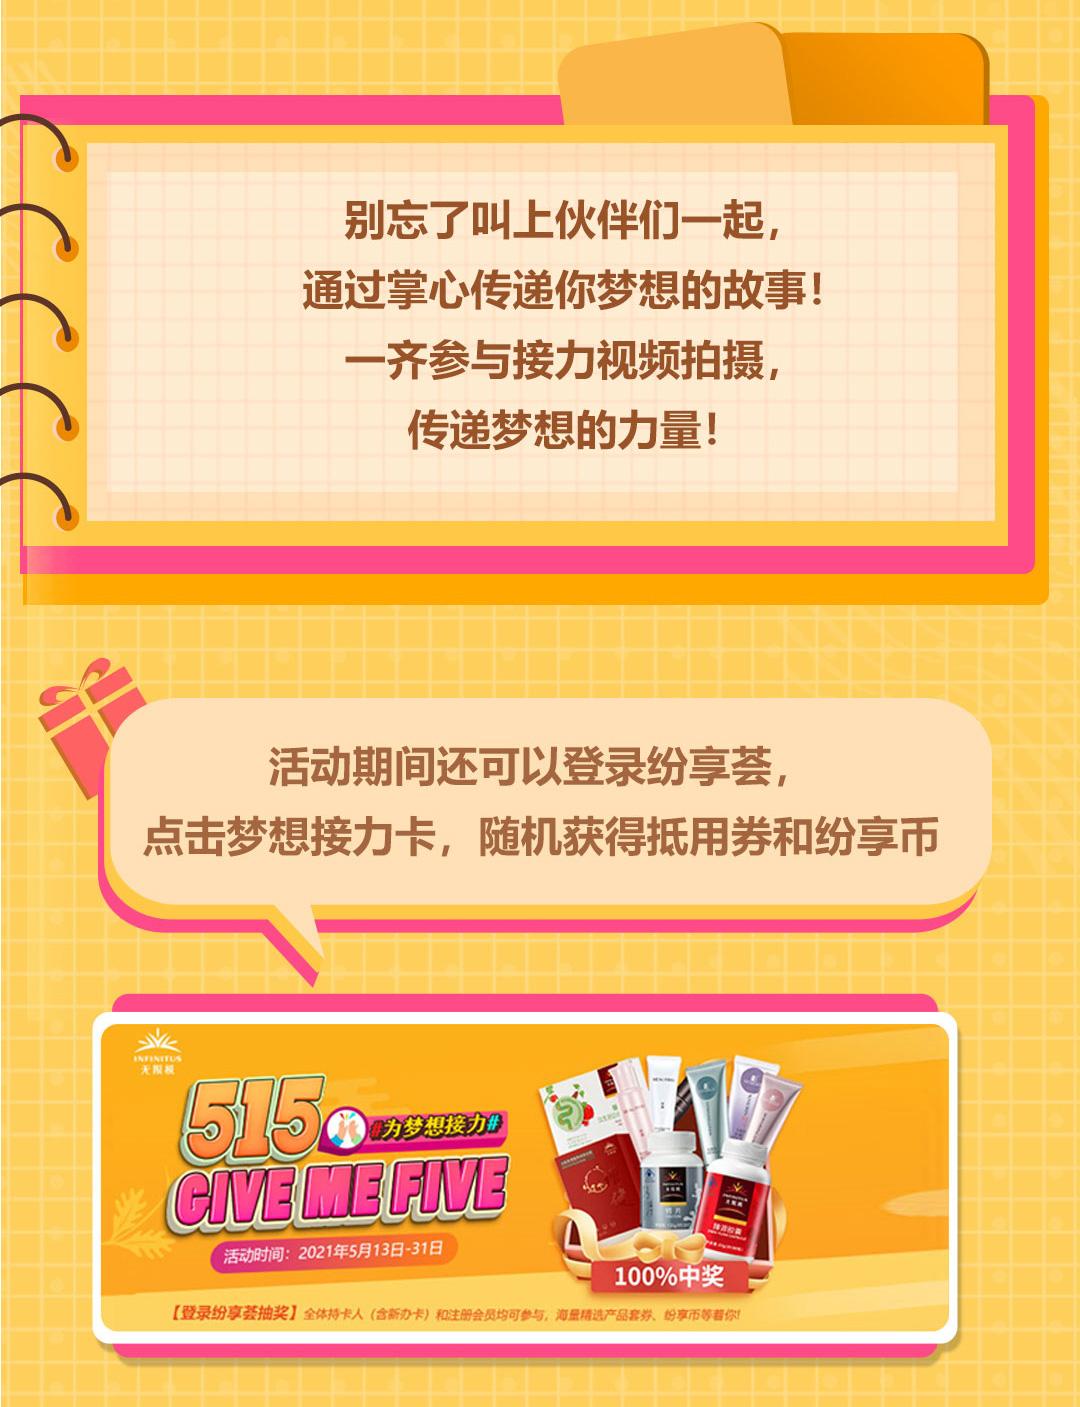 513服务号:拍接力视频赢好礼,一起为梦想接力!(3)_08